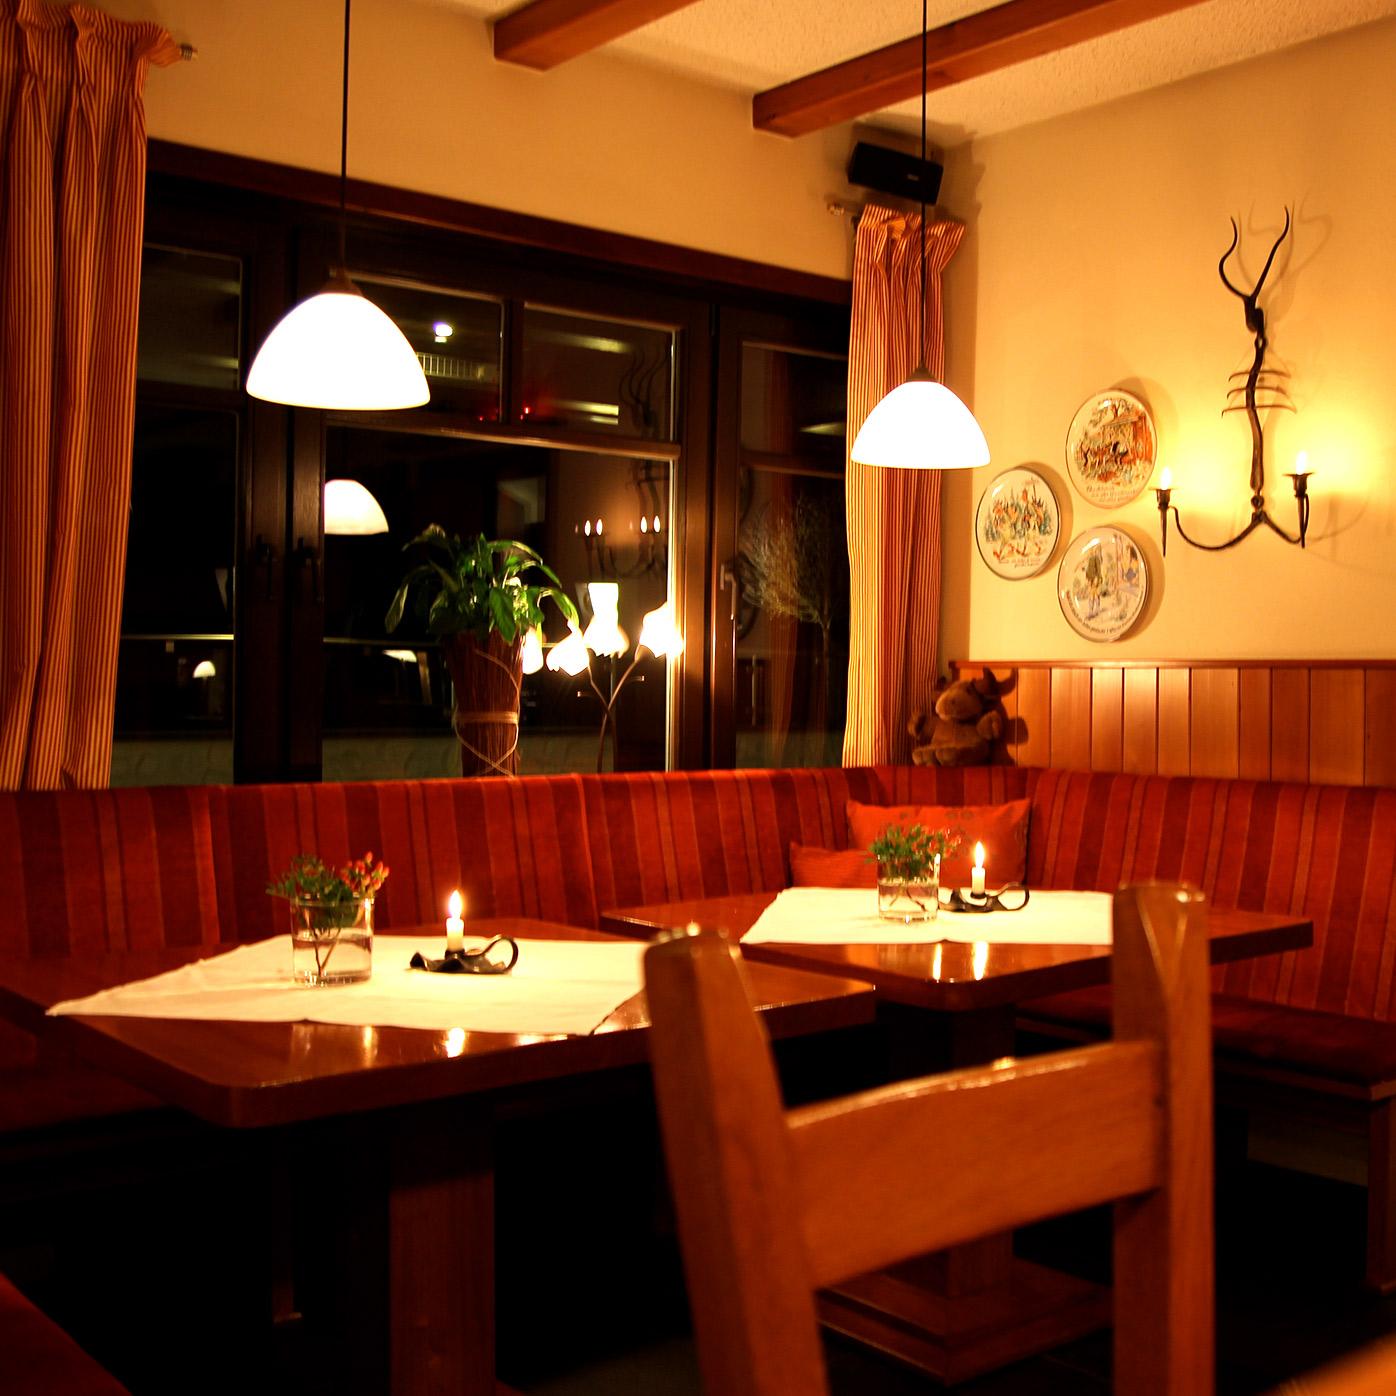 Stimmungsvolles Licht macht unser Restaurant mit den kleinen Details zu einem Ort für gesellige Abende,